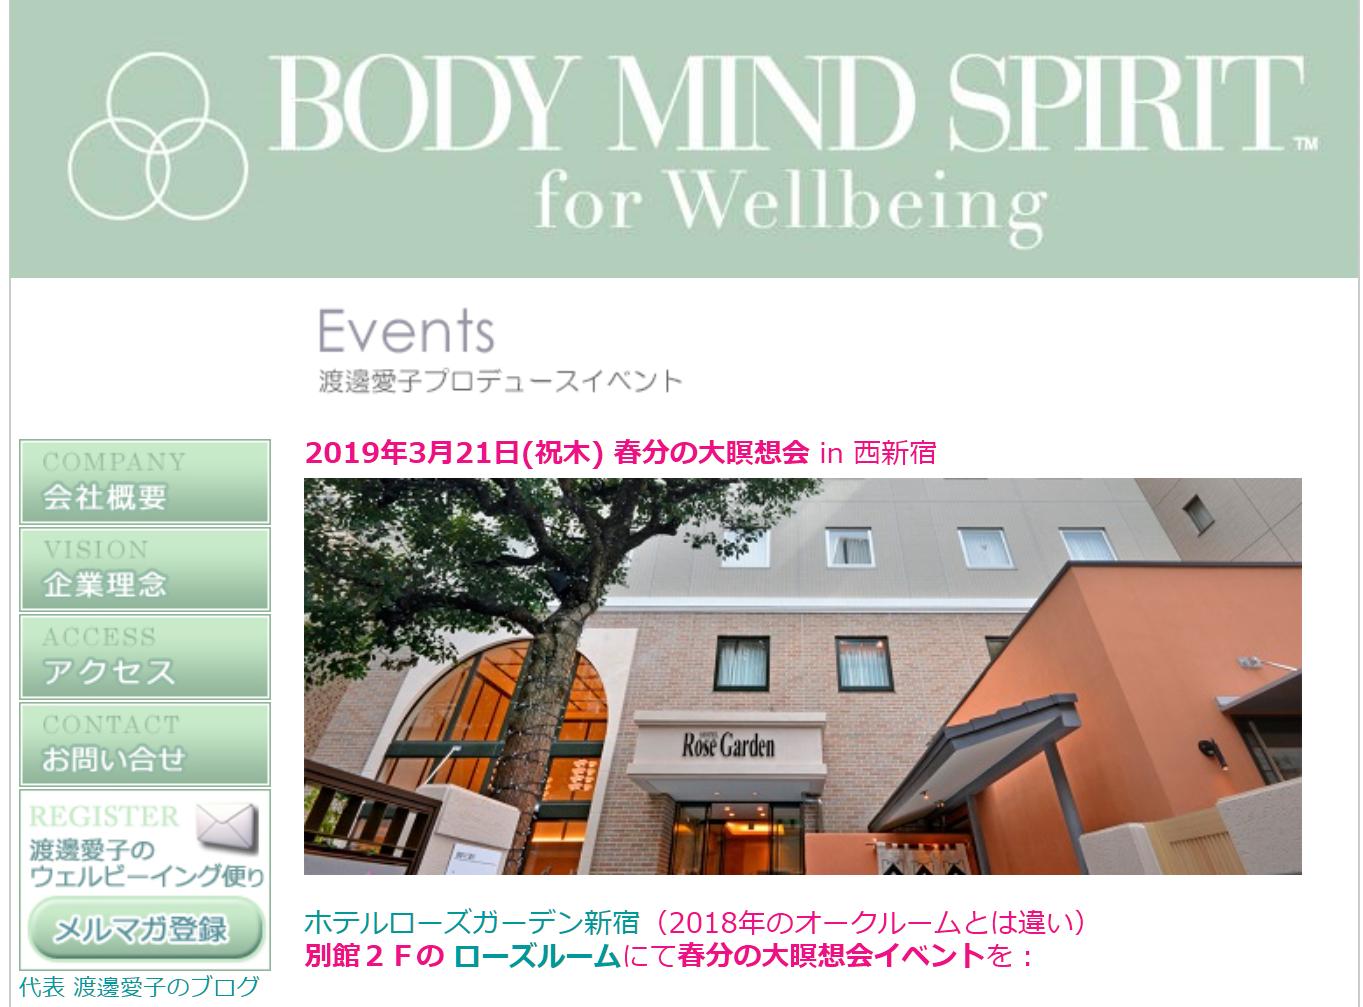 2018年から季節の節目に大瞑想会イベントを開催しています